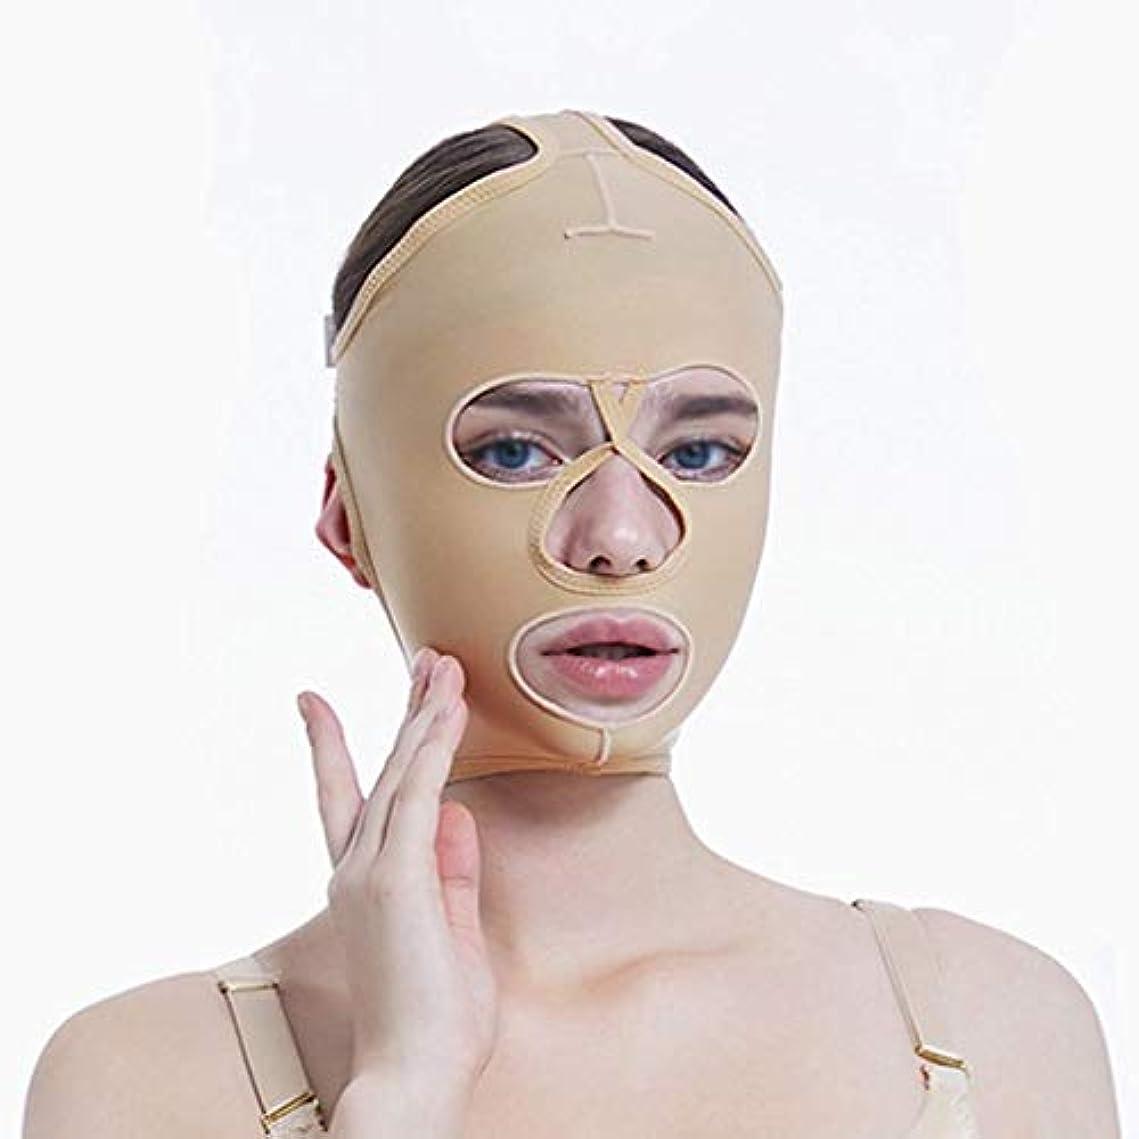 ハード無礼にページェントチンリフティングベルト、超薄型ベルト、引き締めマスク、包帯吊り、フェイスリフティングマスク、超薄型ベルト、通気性(サイズ:L),XL